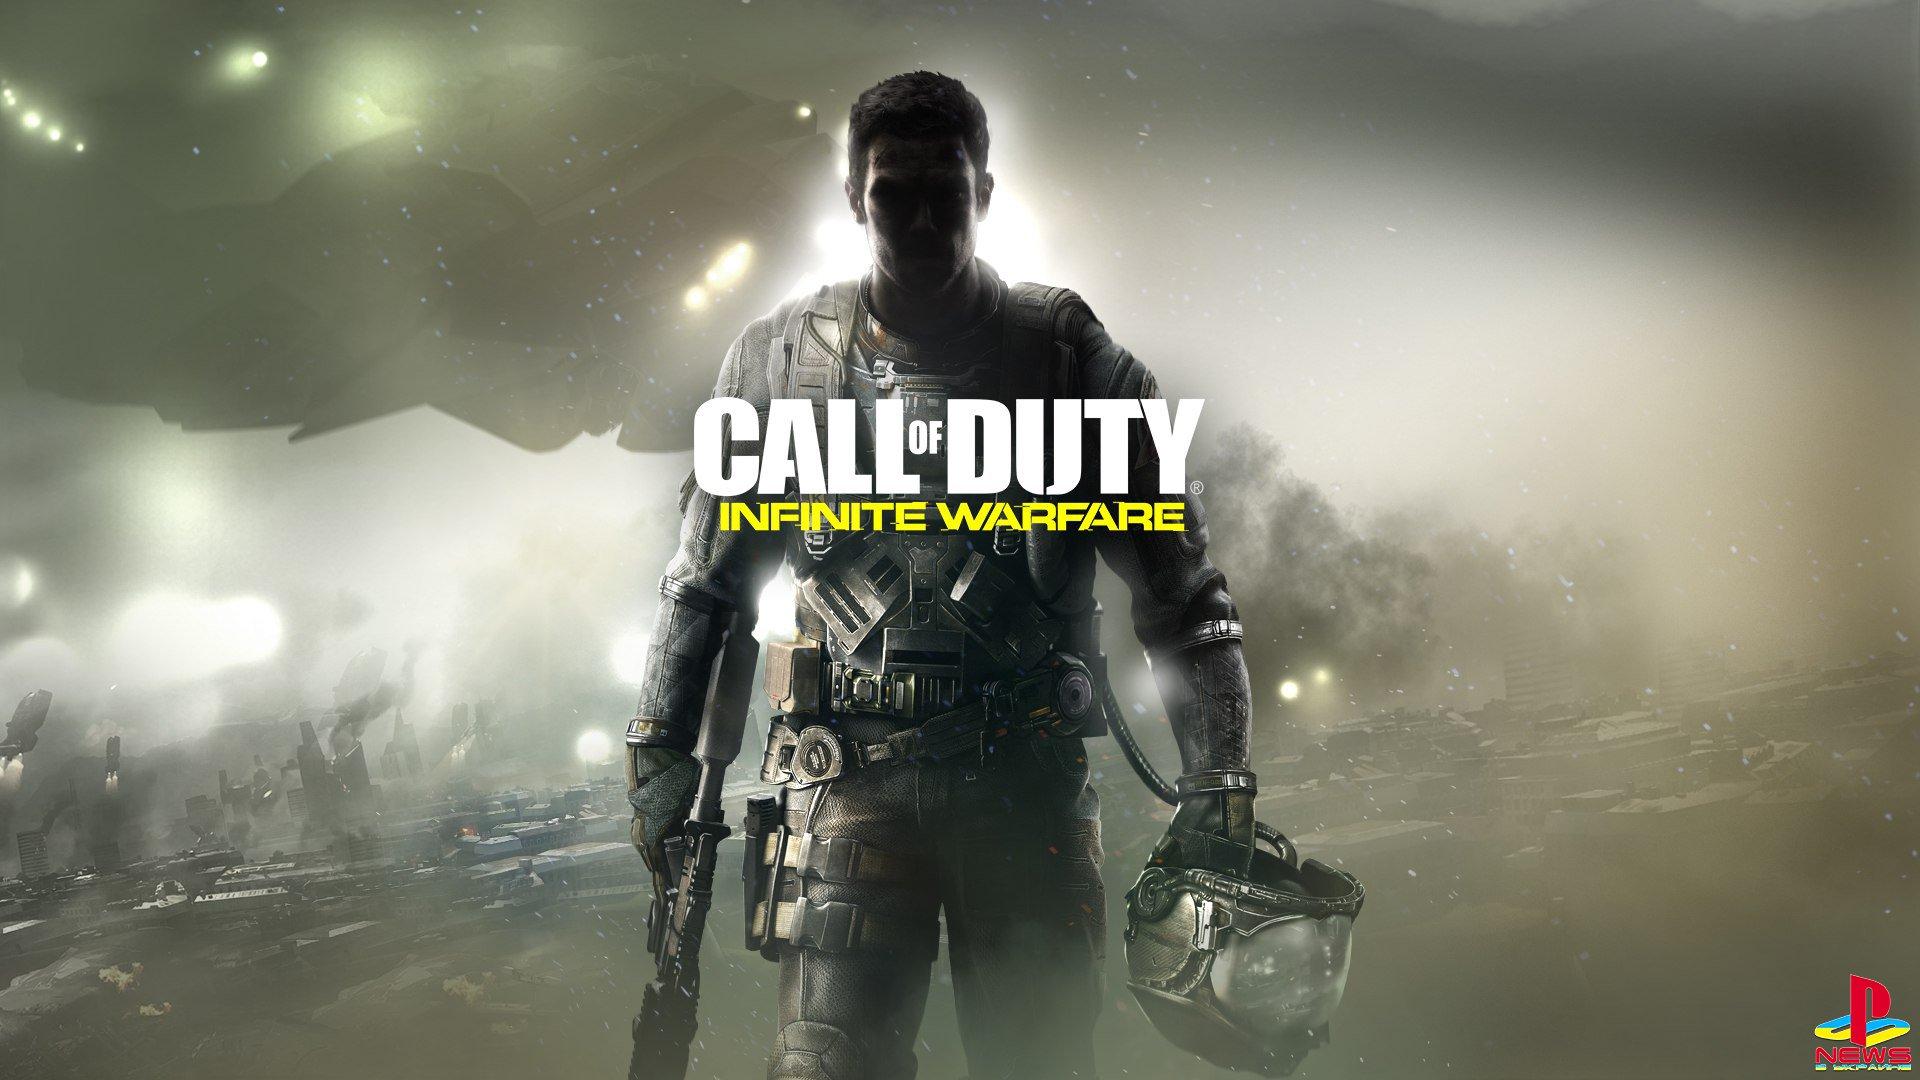 Авторы Call of Duty: Infinite Warfare хотят воссоздать в игре атмосферу Второй мировой войны